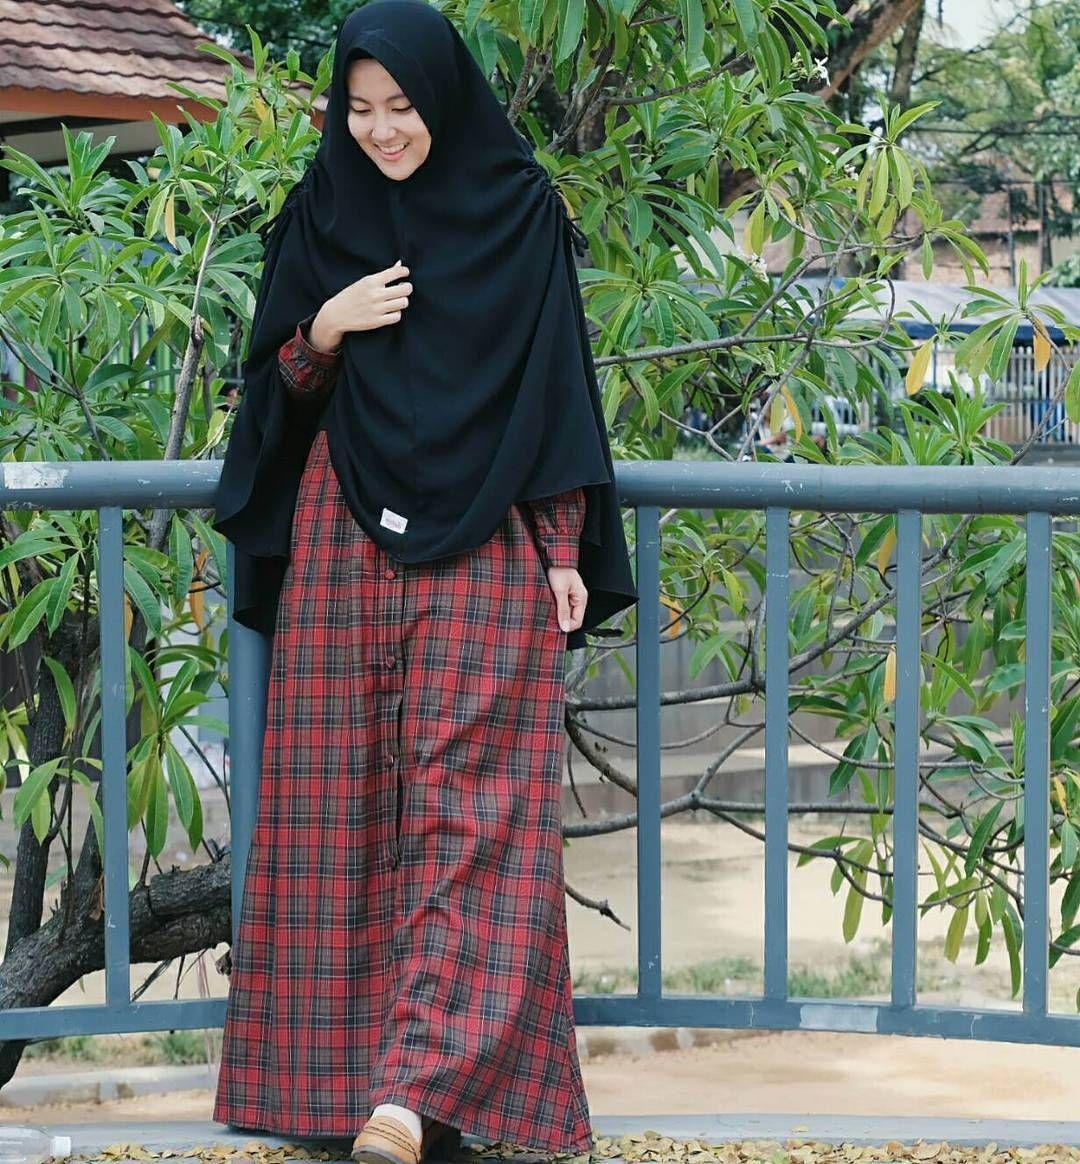 Pin By Tausiyah Cinta On Tausiyahcinta In 2018 Pinterest Hijab Ada Fashion Kaos Wanita Lengan Pendek Motif Great Things Navy Xl Muslim Muslimah Dress Outfit